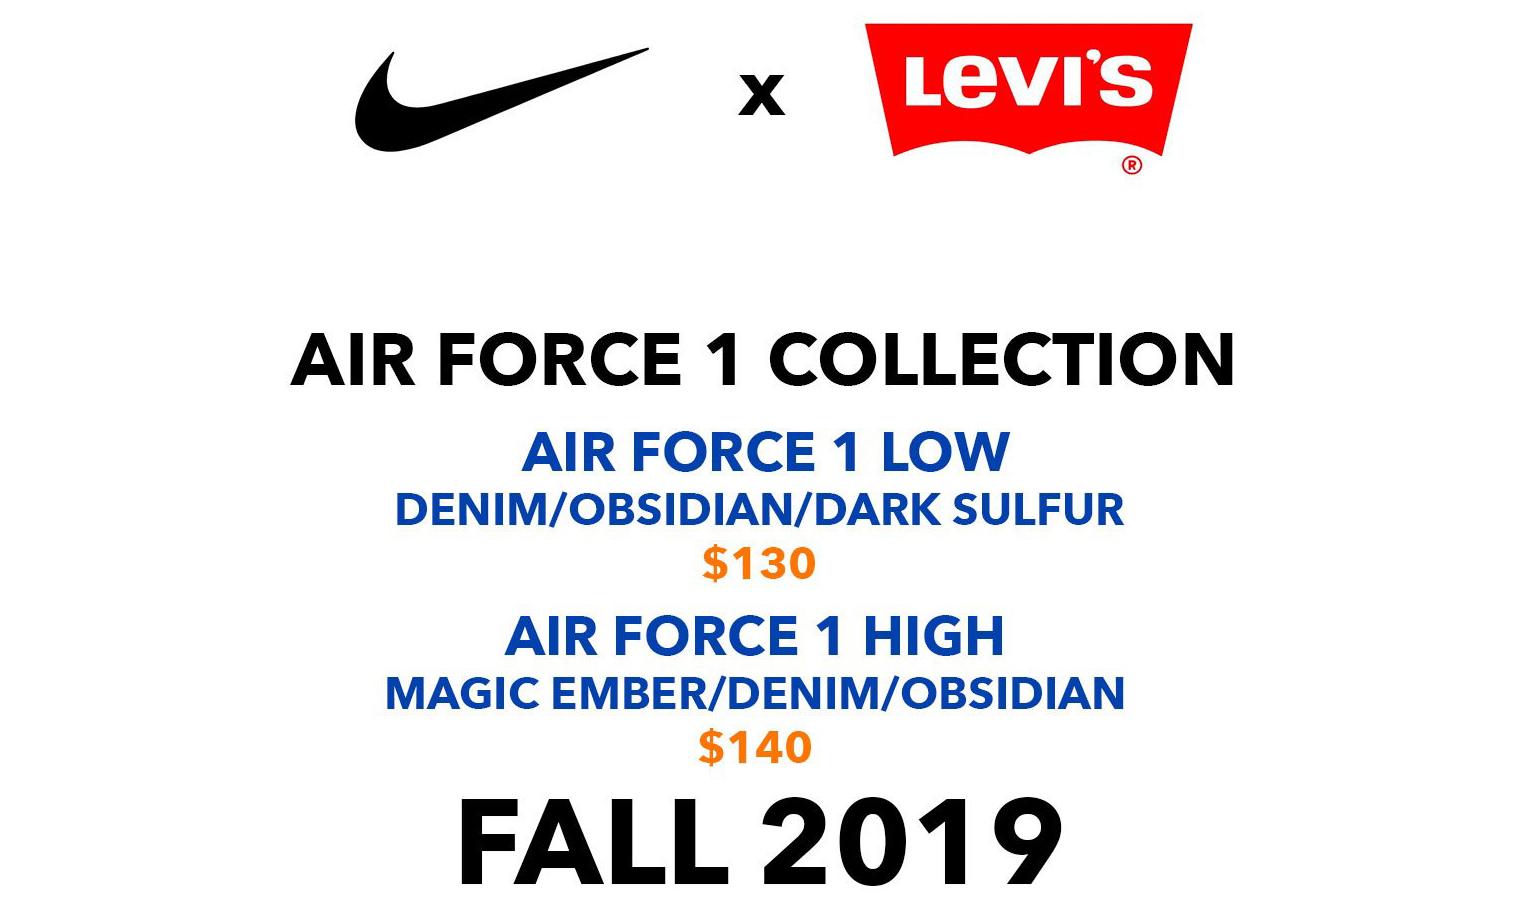 继续丹宁色彩,Levi's x Nike 联名 Air Force 1 系列将于今秋登场